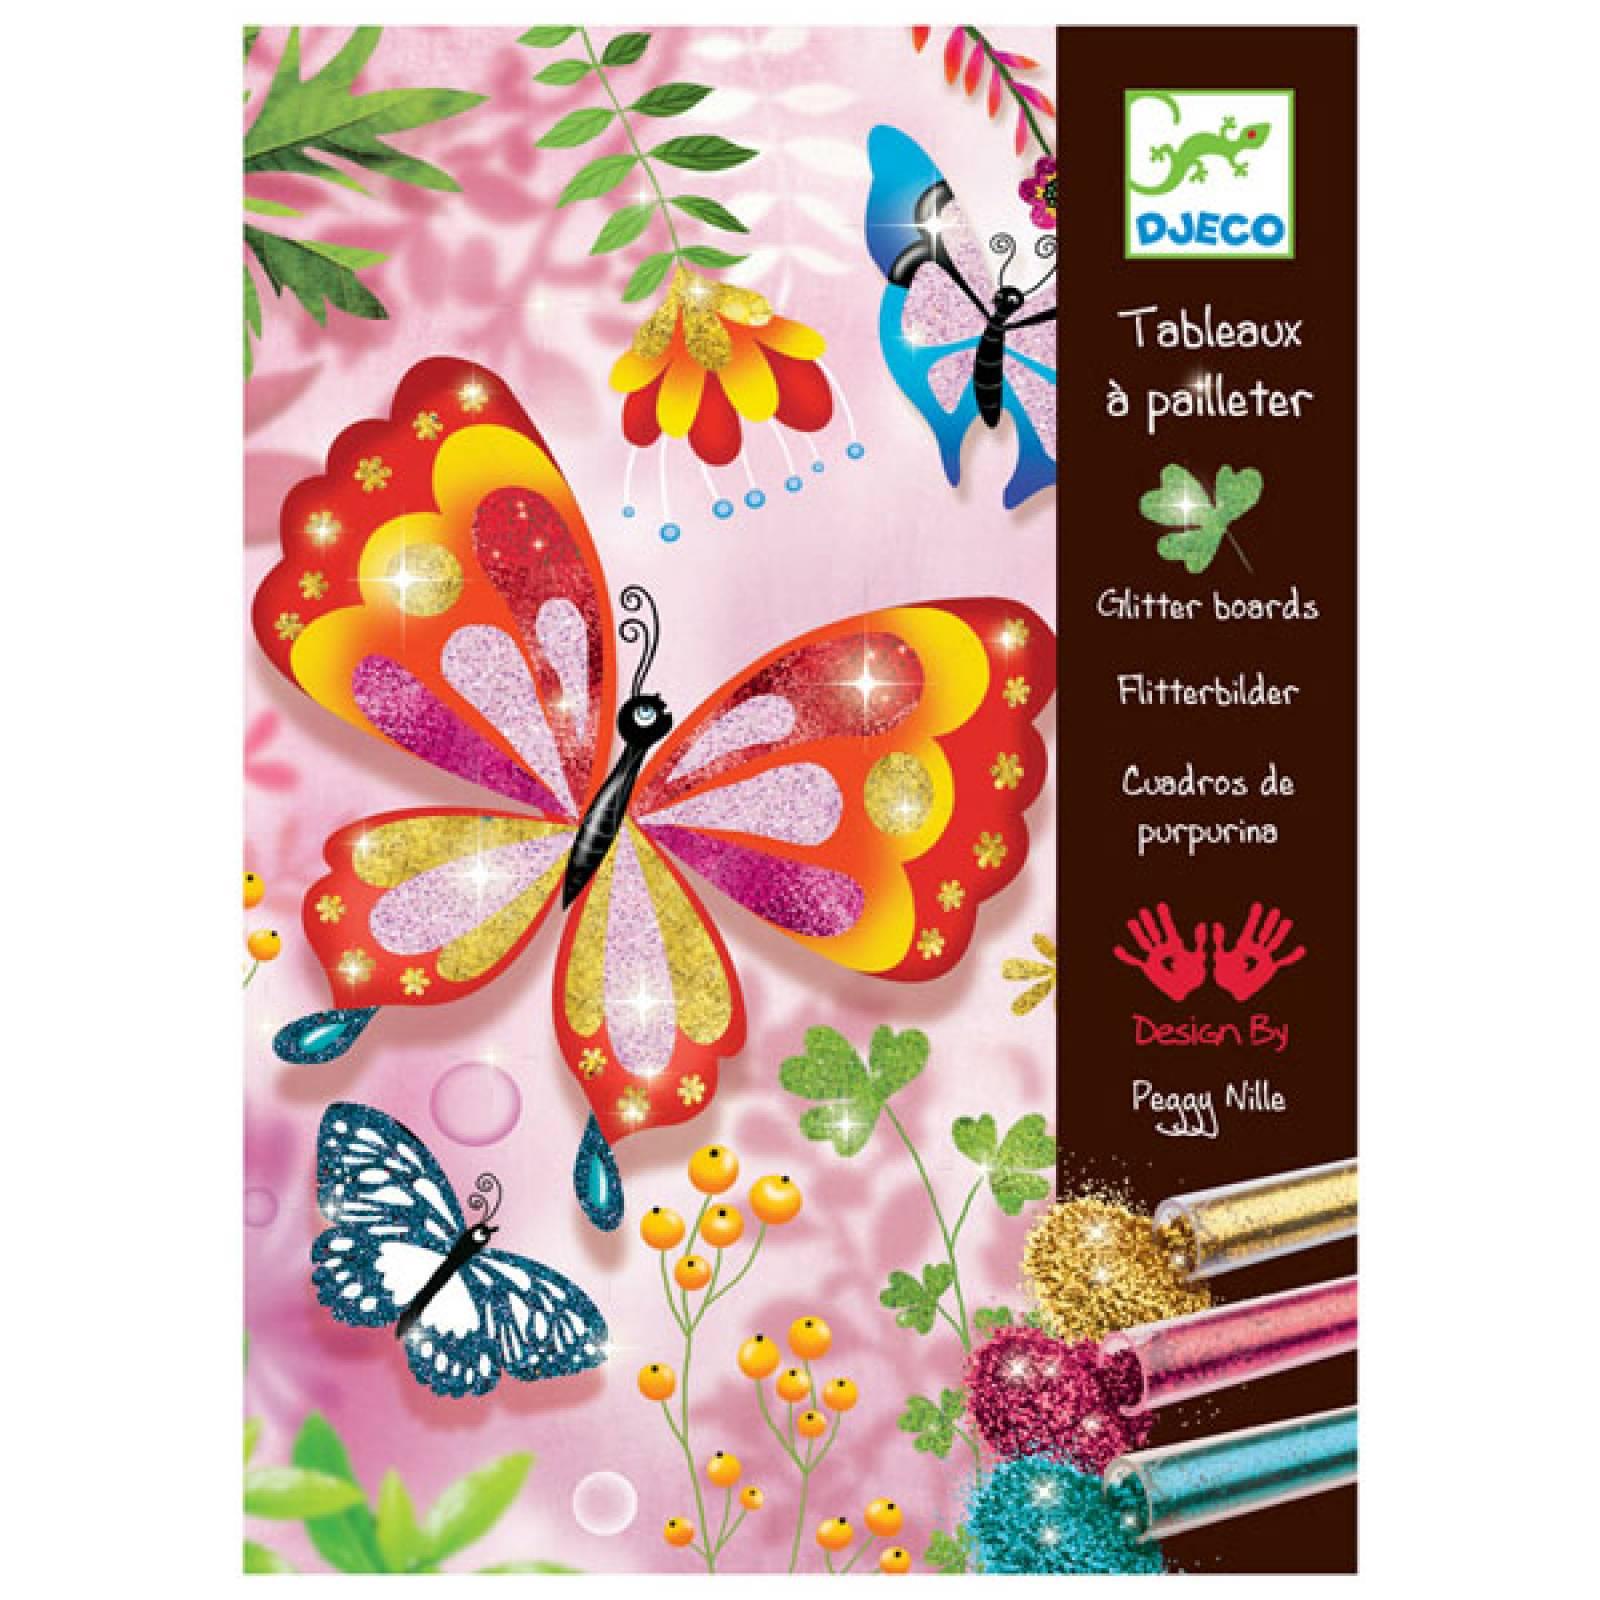 Butterflies Glitter Sand Art Set By Djeco 8-12yrs thumbnails